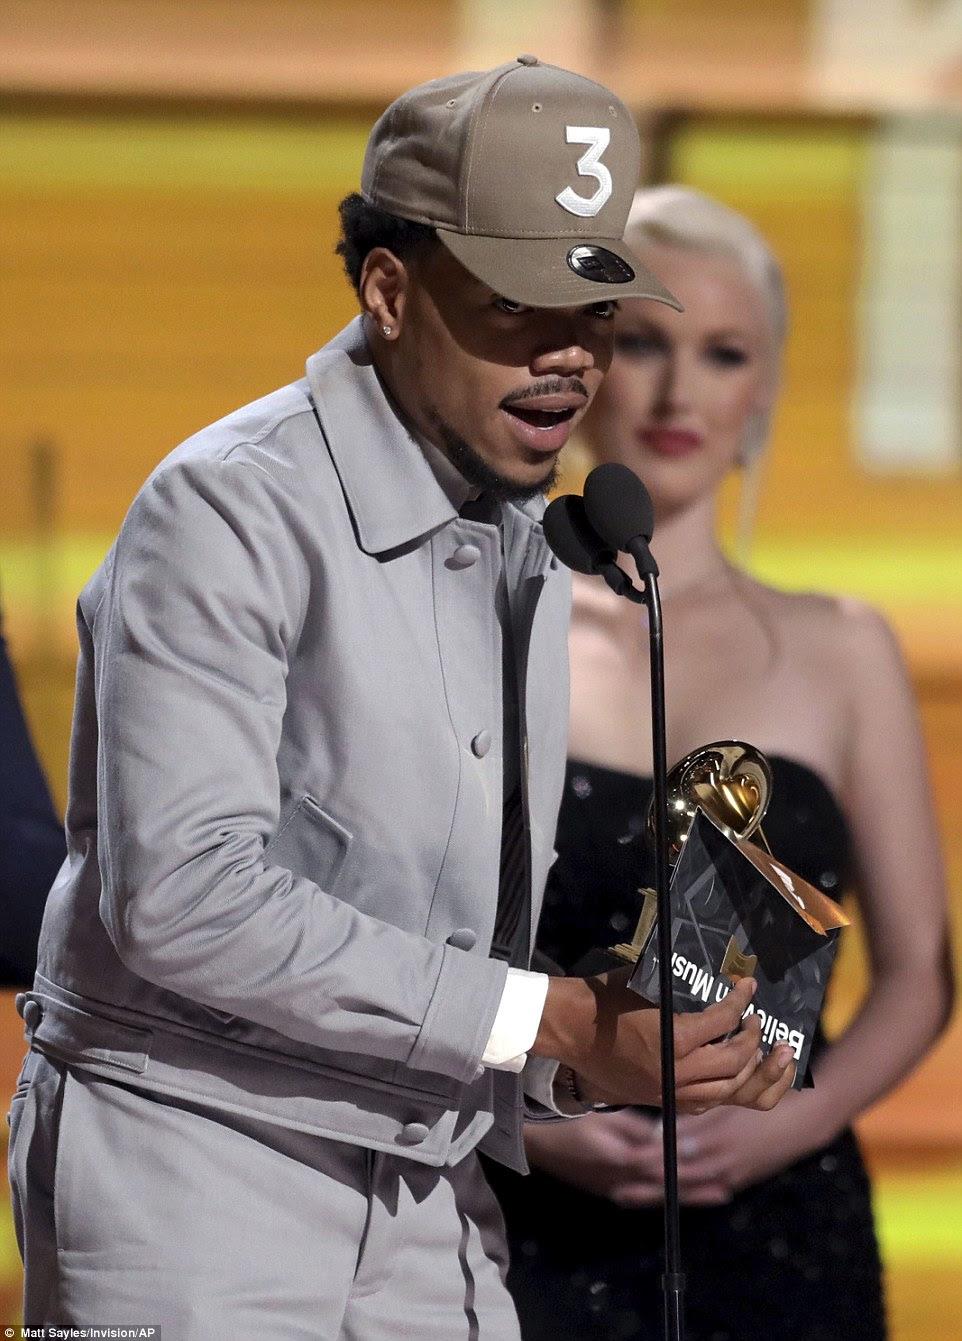 Aww: O rapper de Chicago de 23 anos agradeceu a Deus, namorada e filha